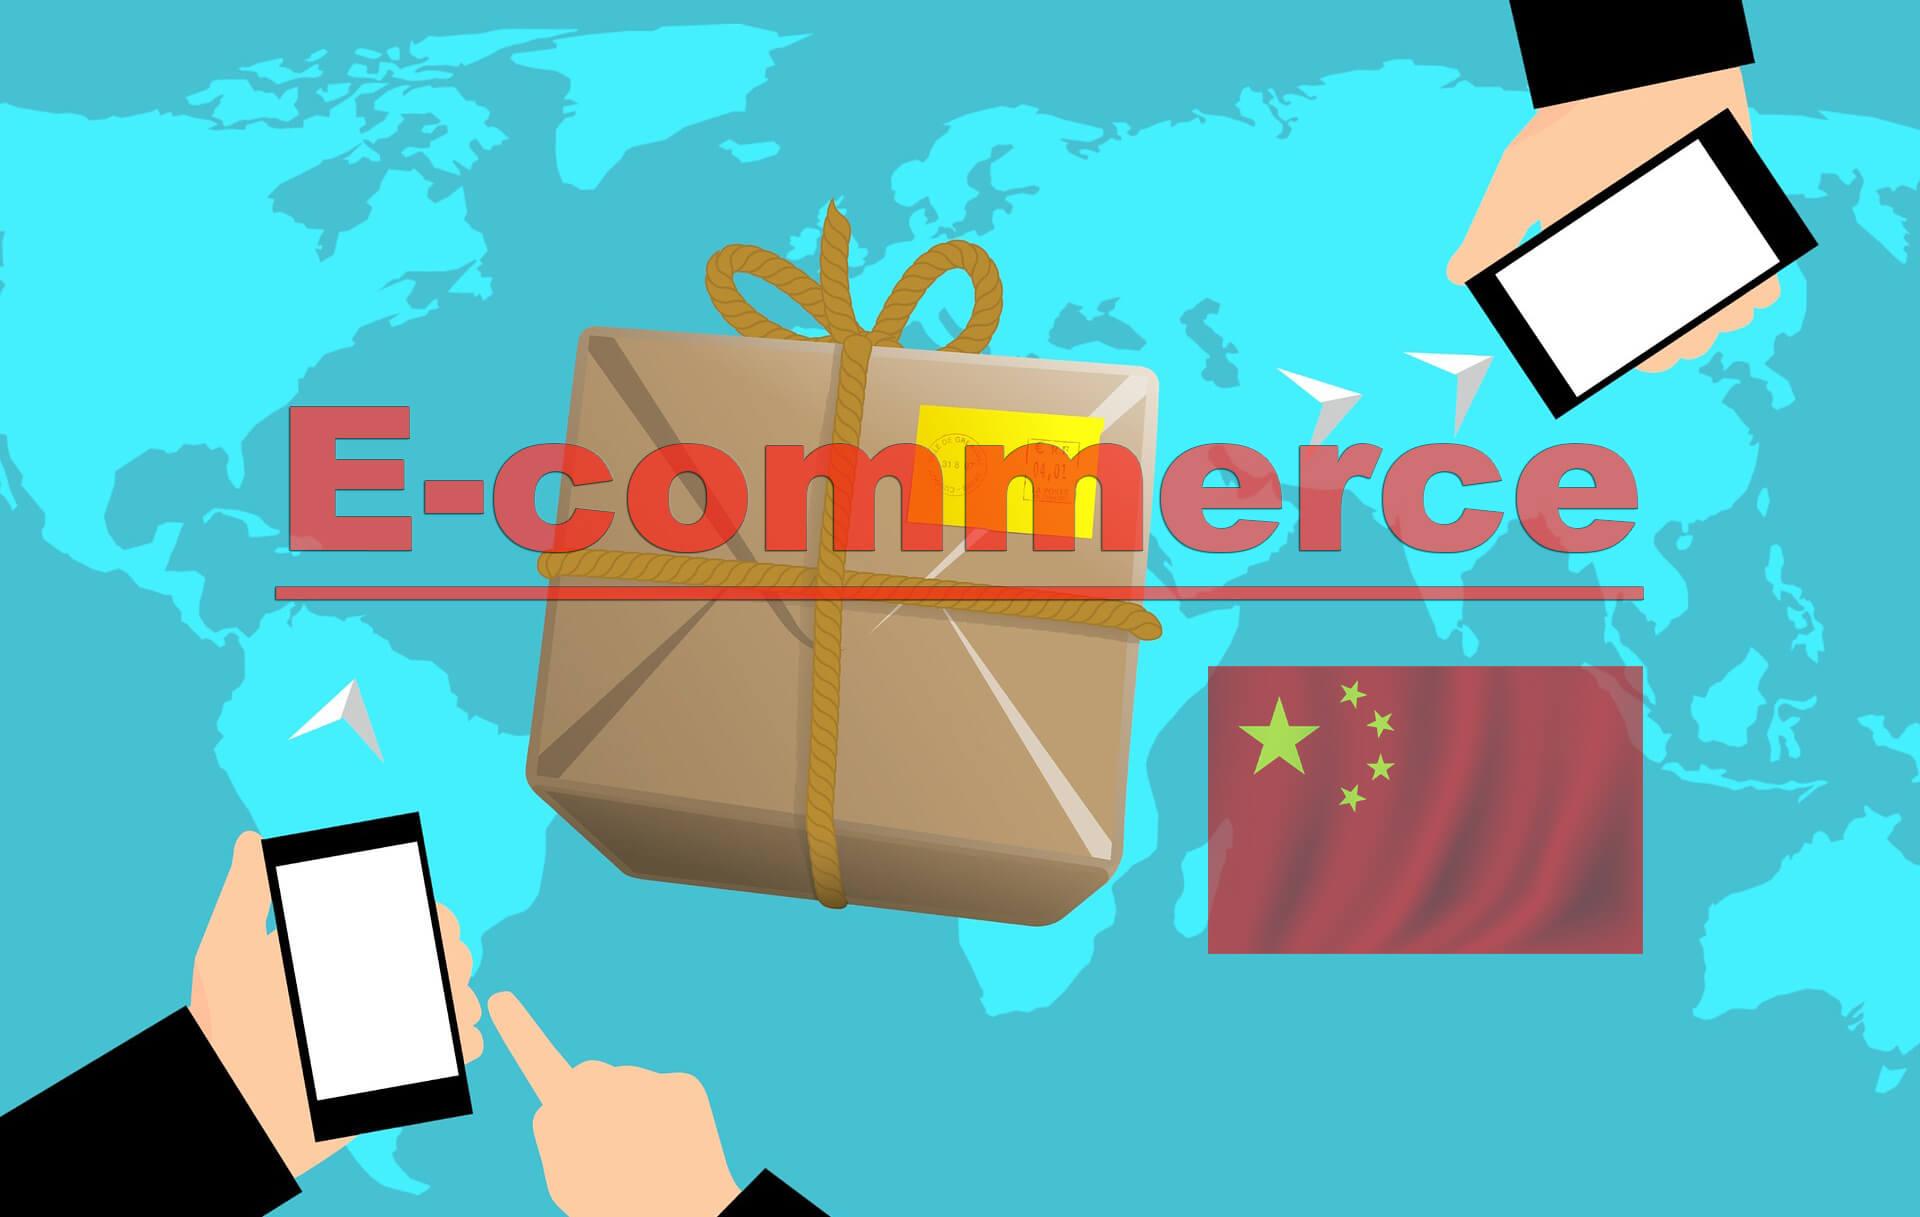 中国EC市場が世界ランキングNo.1となった3つの理由 | 最新の人気ECサイト5選